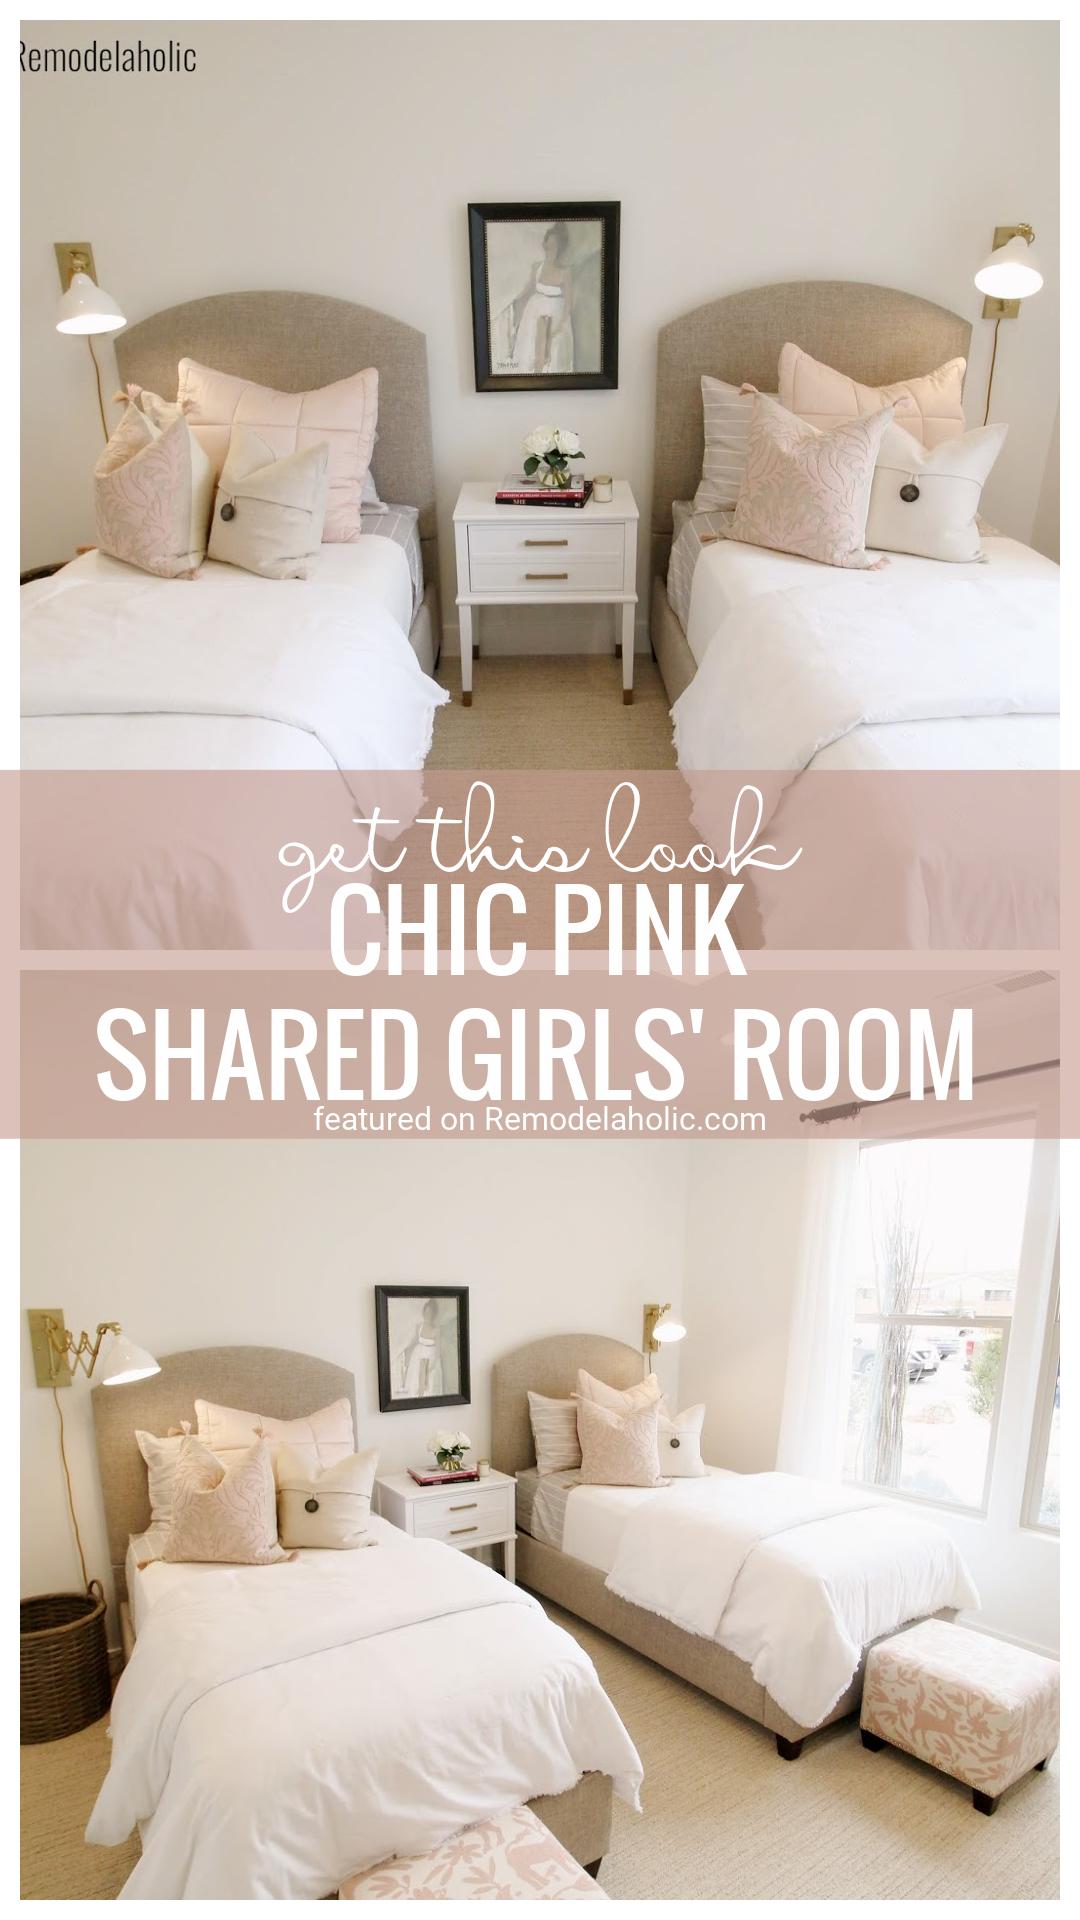 Menjen kifinomult és elegánsvá ezzel a semleges és rózsaszín közös hálószobával.  Tudja meg, hogyan tekintheti meg a Remodelaholic.com webhelyet (1)